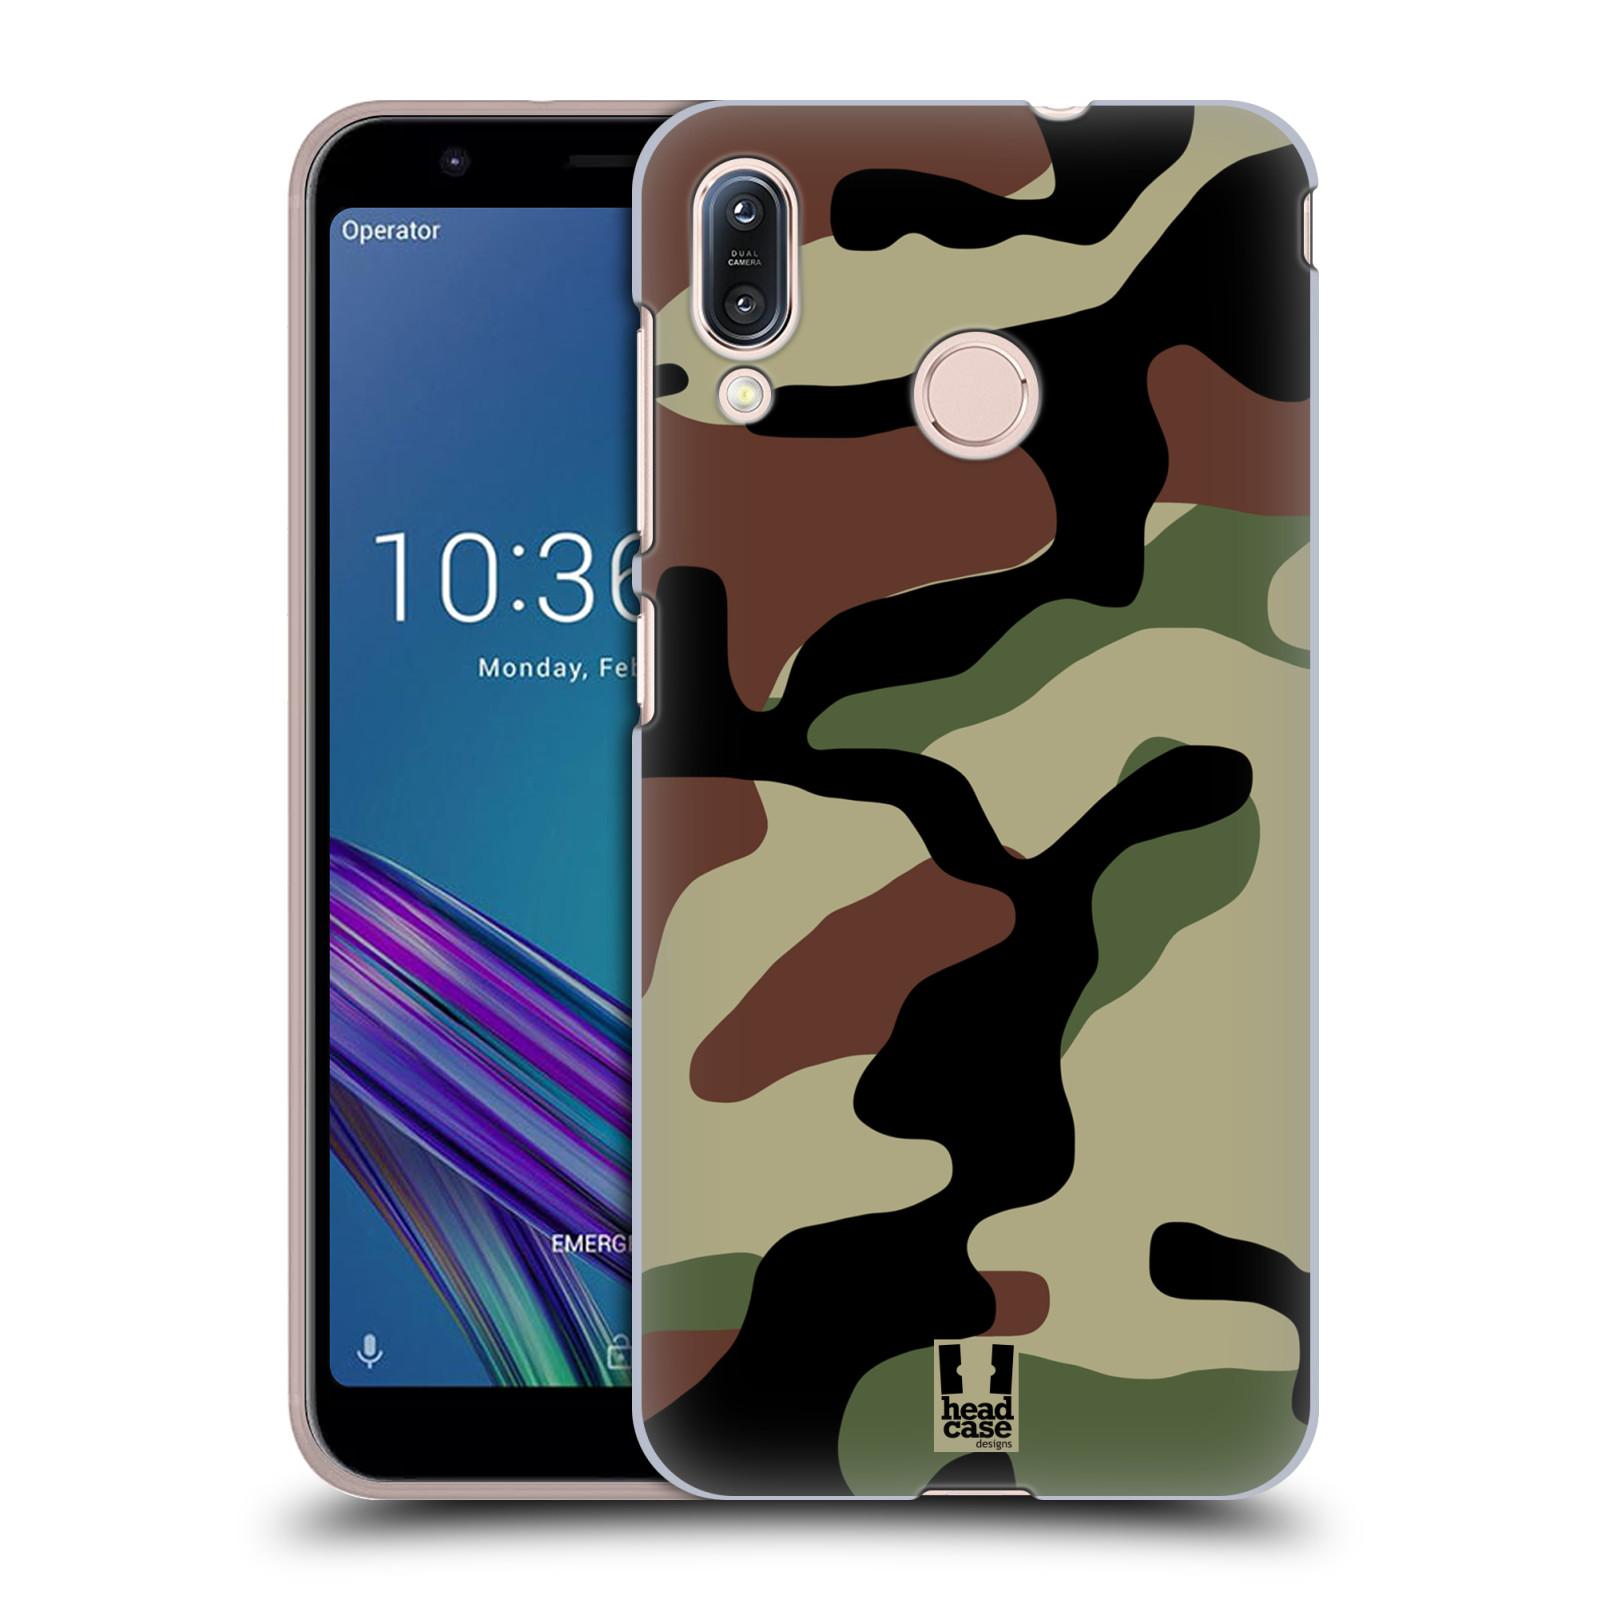 Plastové pouzdro na mobil Asus Zenfone Max M1 ZB555KL - Head Case - Maskáče